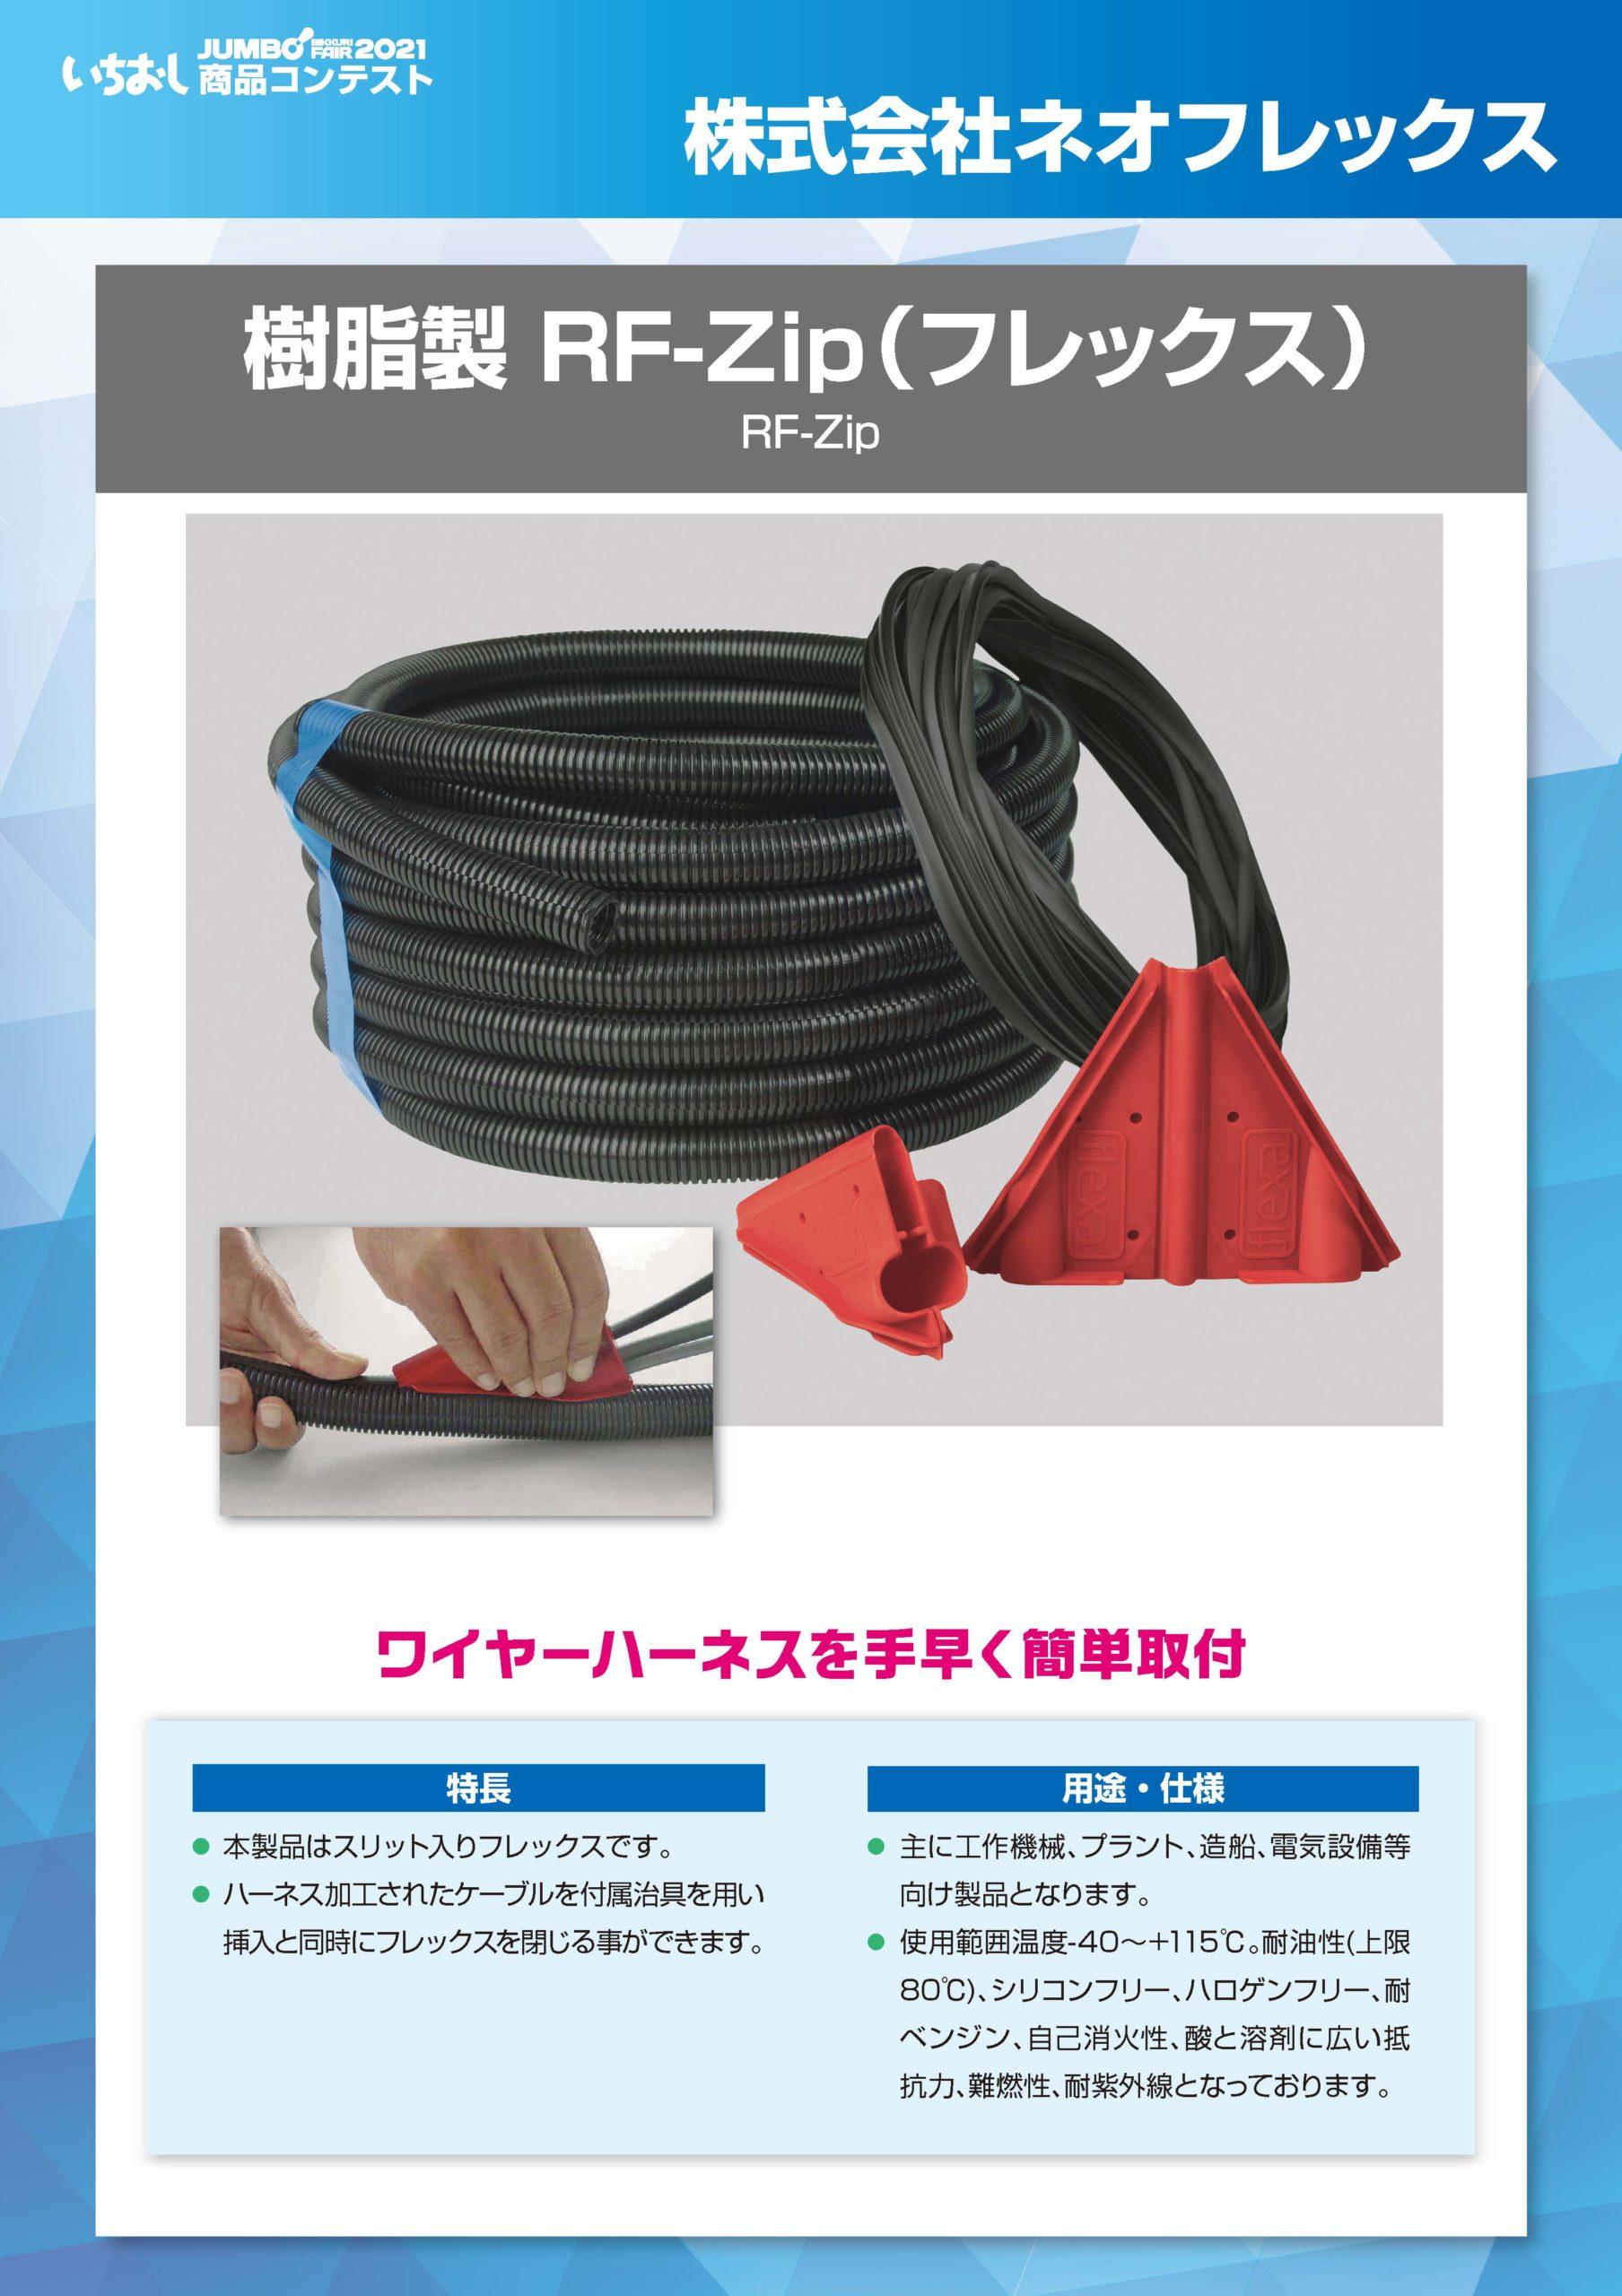 「樹脂製 RF-Zip(フレックス)」株式会社ネオフレックスの画像